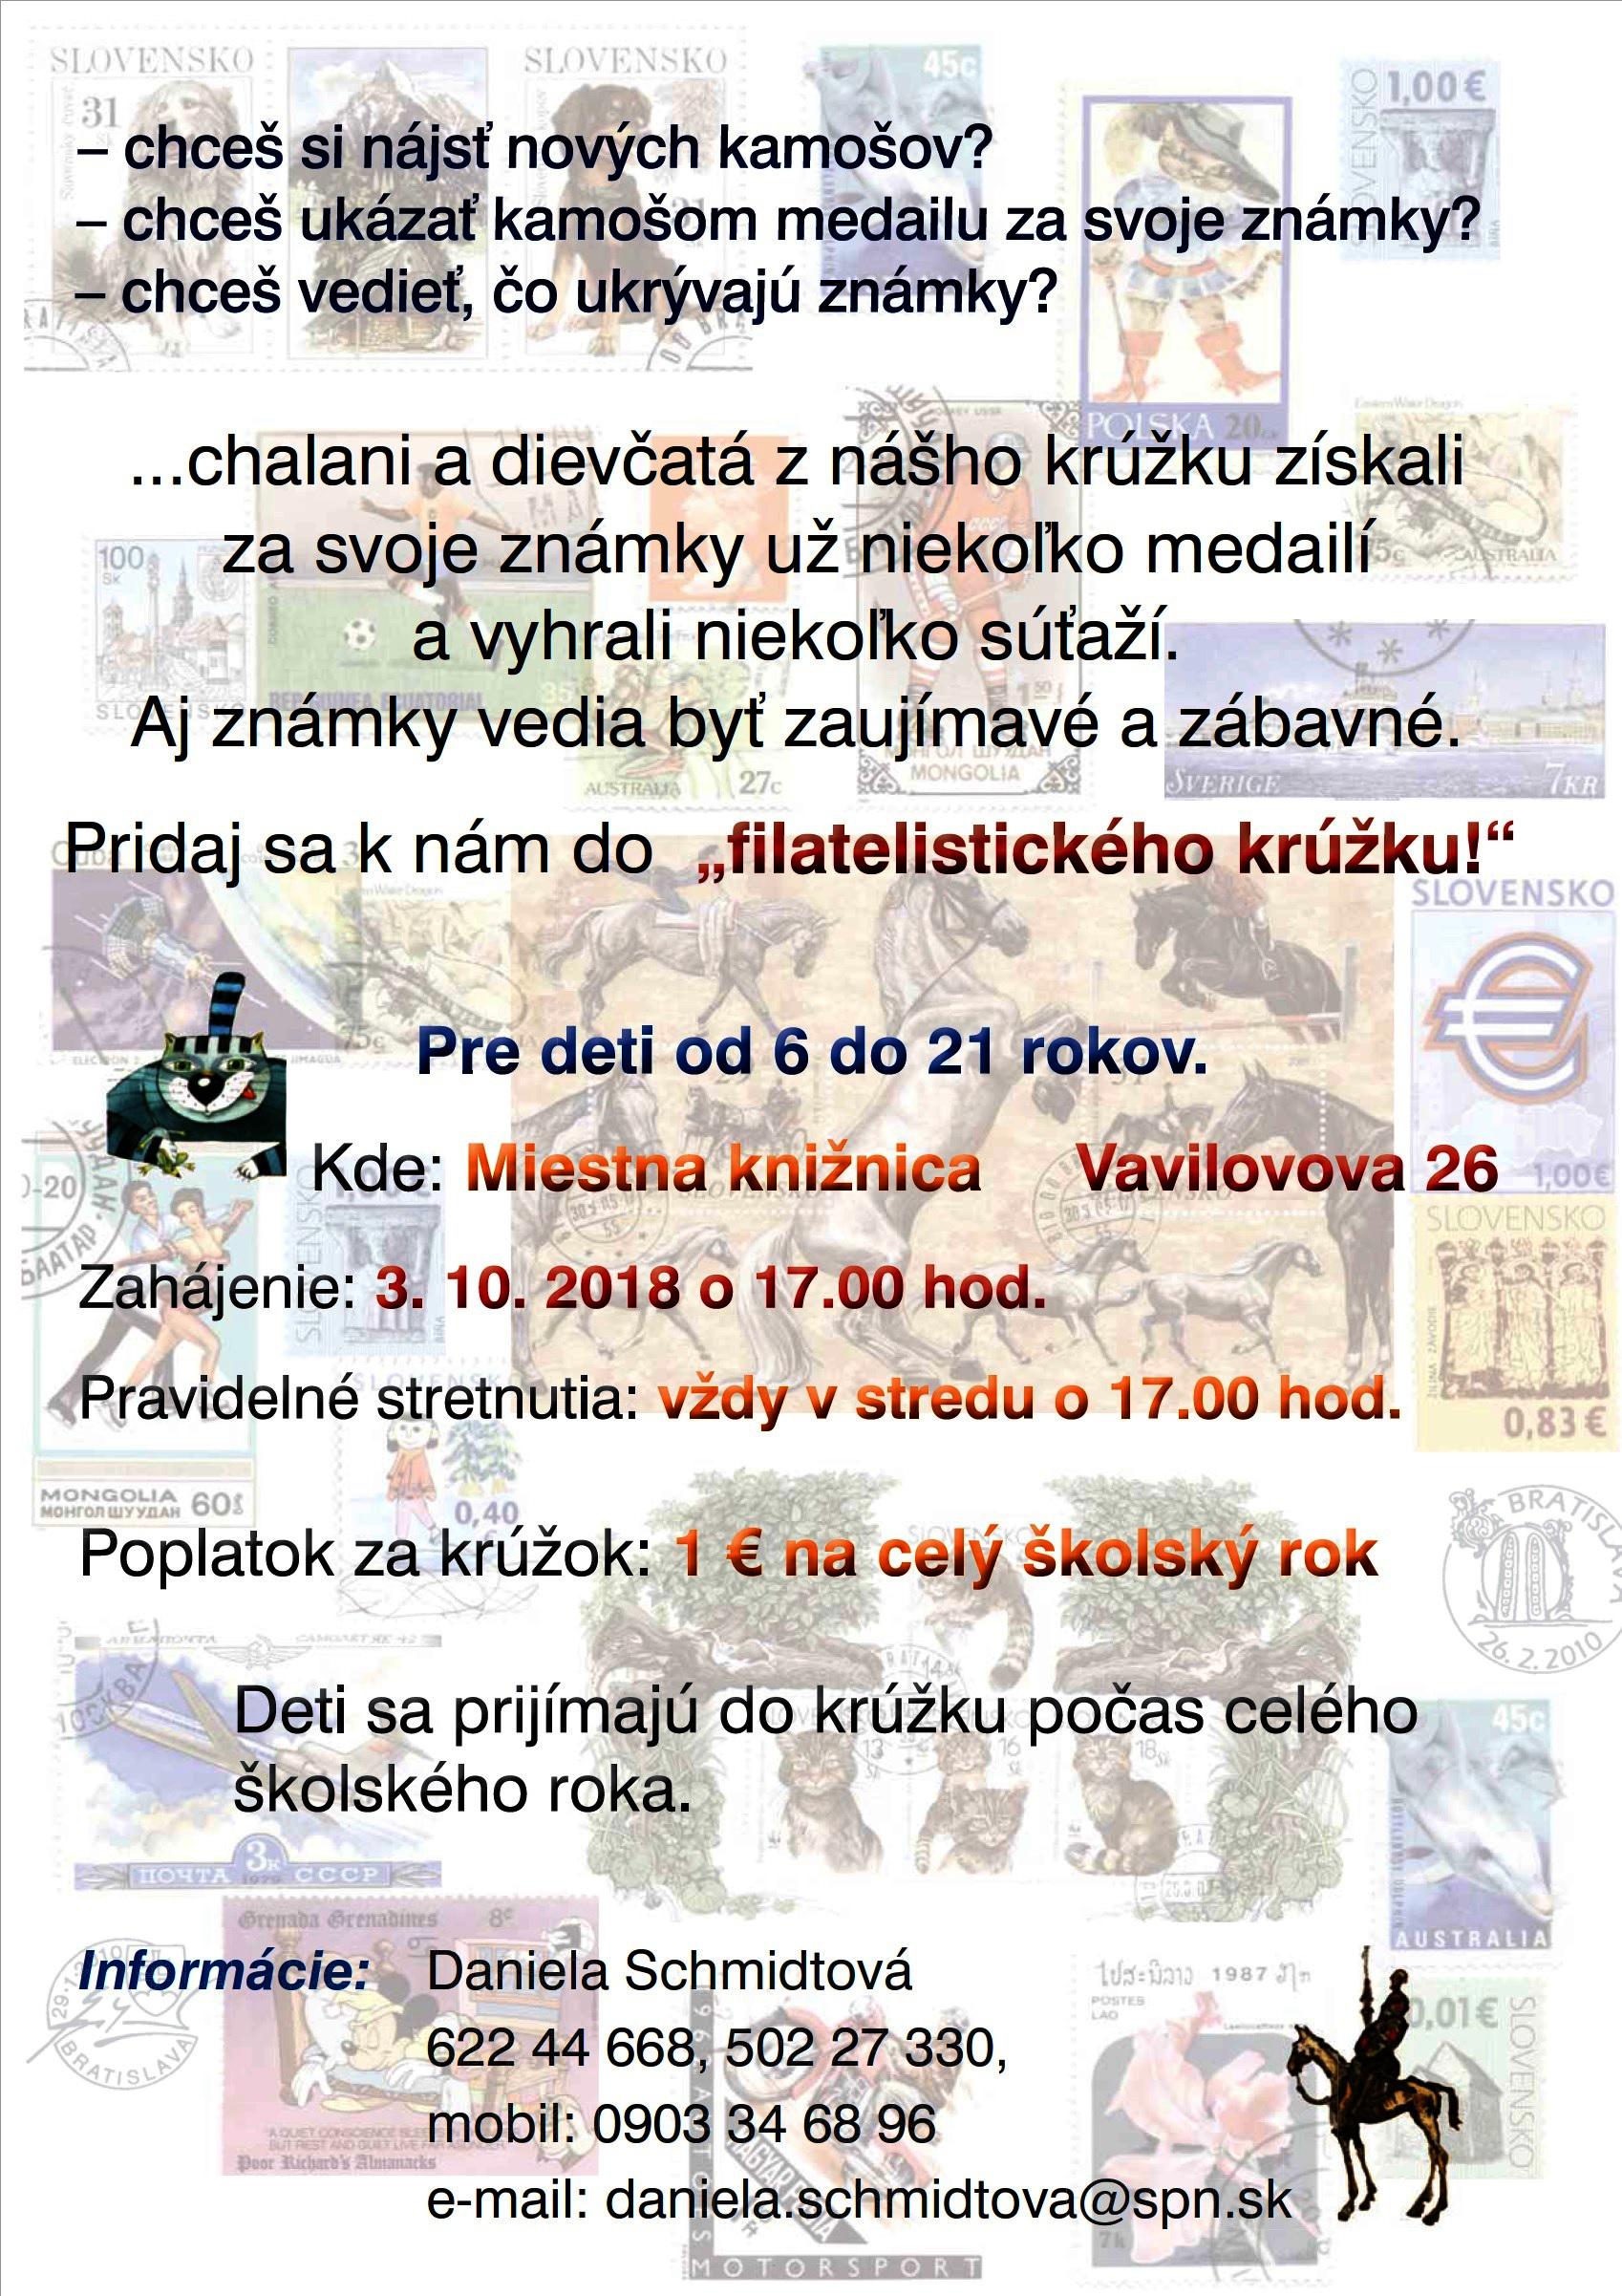 e21e54a4ce Filatelistický krúžok - Miestna knižnica Petržalka